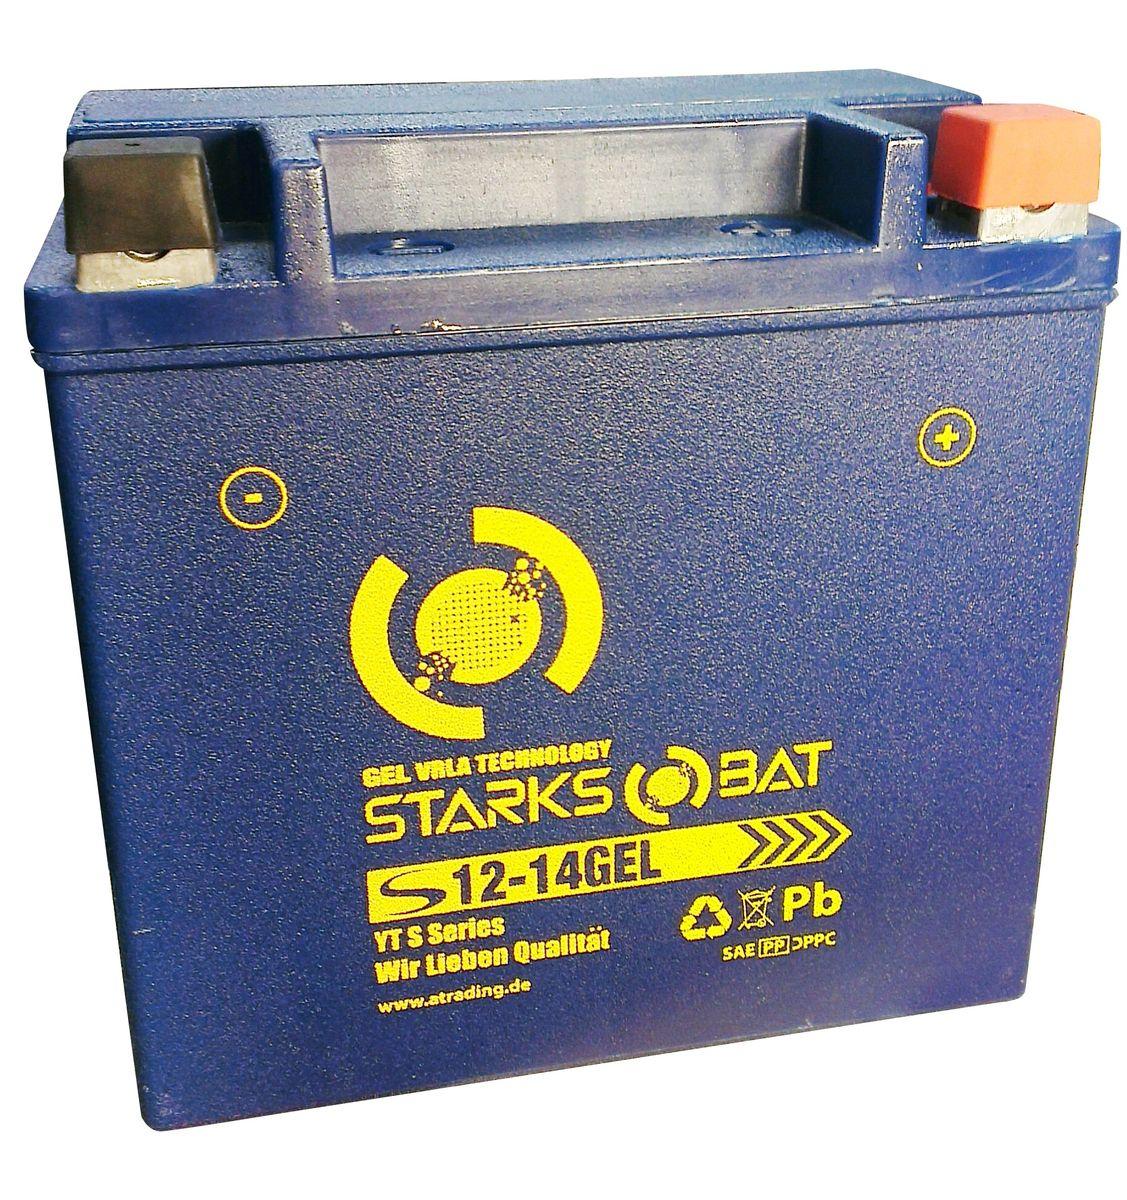 Батарея аккумуляторная для мотоциклов Starksbat. YT S 12-14 GEL (YTX14L-BS)YT S 12-14YT S 12-14 GEL (YTX14L-BS) Аккумуляторы для мотоциклов STARKSBAT производятся немецким концерном Active Trading GmbH. Аккумуляторы STARKSBAT изготовлены по технологии AGM, обеспечивающей повышенный уровень безопасности батареи и удобство ее эксплуатации. Корпус АКБ STARKSBAT выполнен из особо ударопрочного и морозостойкого полипропилена. Аккумуляторы STARKSBAT длительное время успешно продаются в США и Канаде, где блестяще доказали свои высокие эксплуатационные свойства в самых экстремальных условиях бездорожья, высоких и низких температур. Аккумуляторные батареи STARKSBAT производятся под знаменитым Немецким контролем качества, что обеспечивает им высокие пусковые характеристики и восстановление емкости даже после глубокого разряда.YT S 12-14GEL Technology (YTX14L-BS)Параметры аккумулятора:Напряжение (В): 12 Емкость (А/Ч): 14 Размеры (мм): 150x87x145 Полярность: Обратная (-+) Ток холодной прокрутки: 220 Аh (EN)Корпус АКБ STARKSBAT выполнен из особо ударопрочного и морозостойкого полипропилена